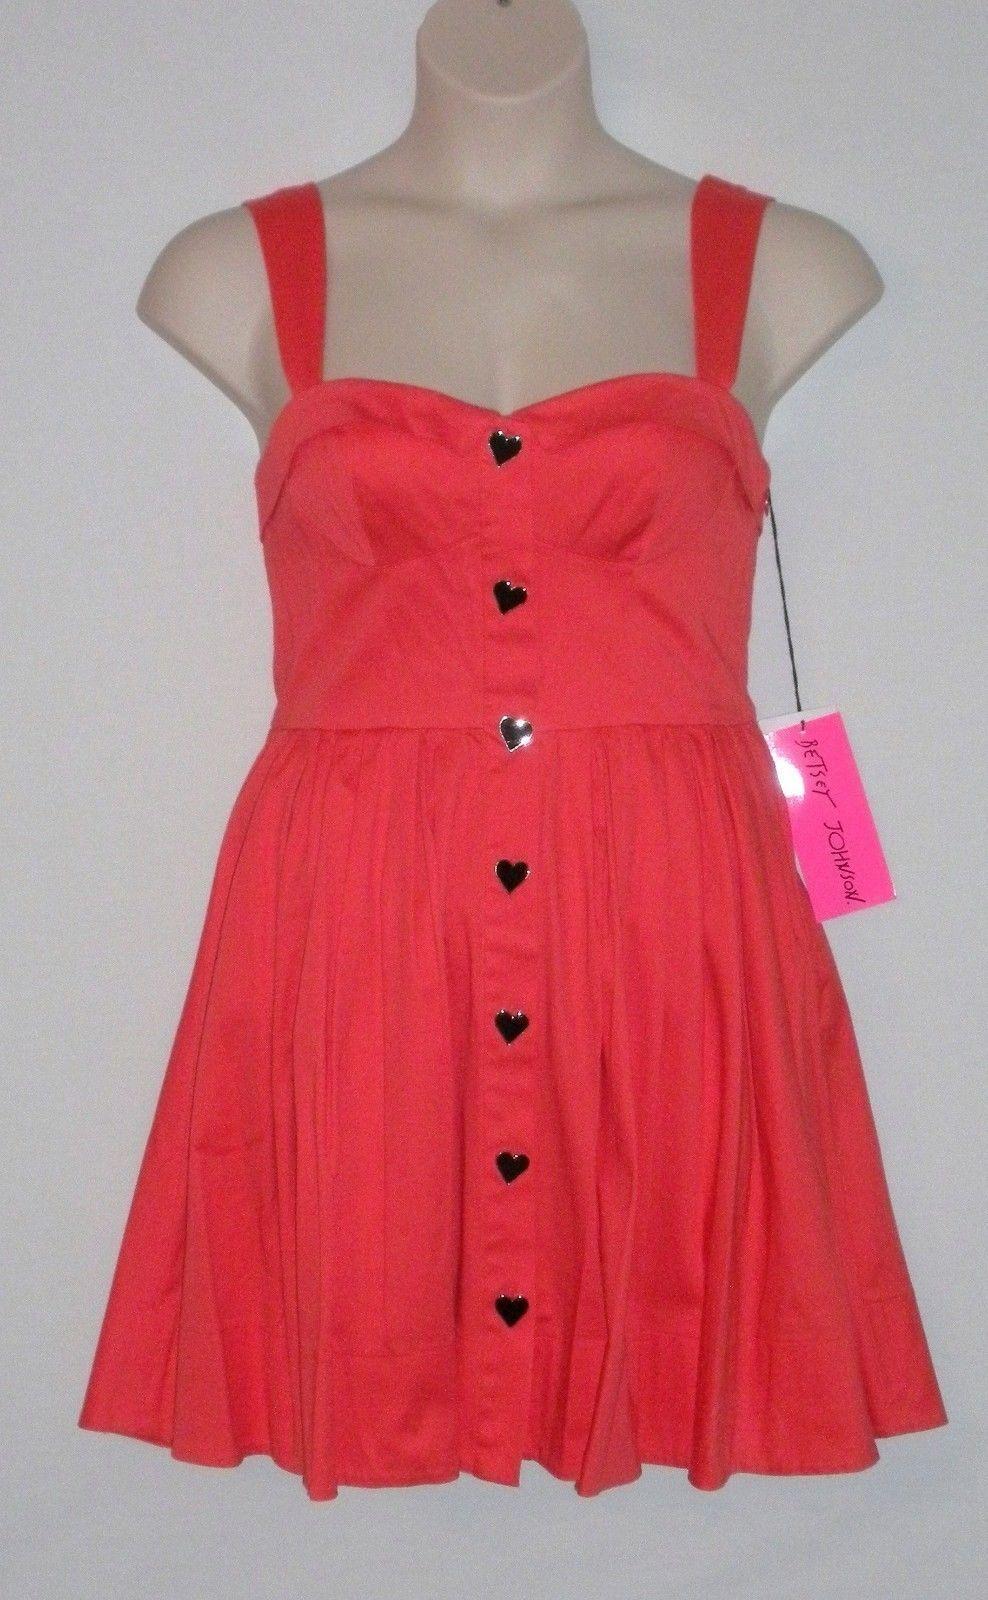 NWT  BETSEY JOHNSON Sleeveless Heart-Button A-Line Dress, Größes 8 10, Melon